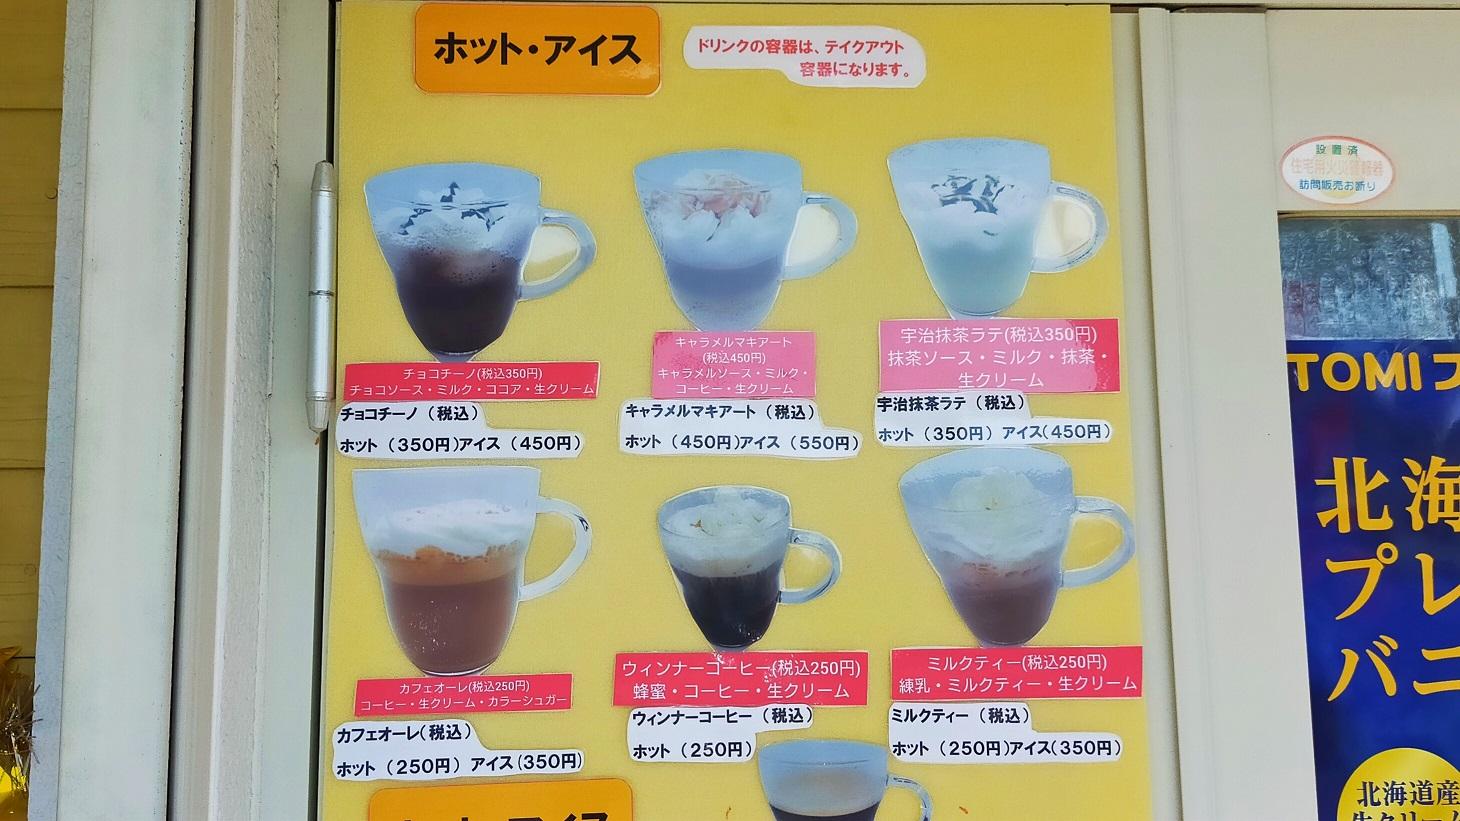 チョコチーノ、キャラメルマキアート、宇治抹茶ラテ、カフェオーレ、ウインナーコーヒー、ミルクティー、ブレンドコーヒー